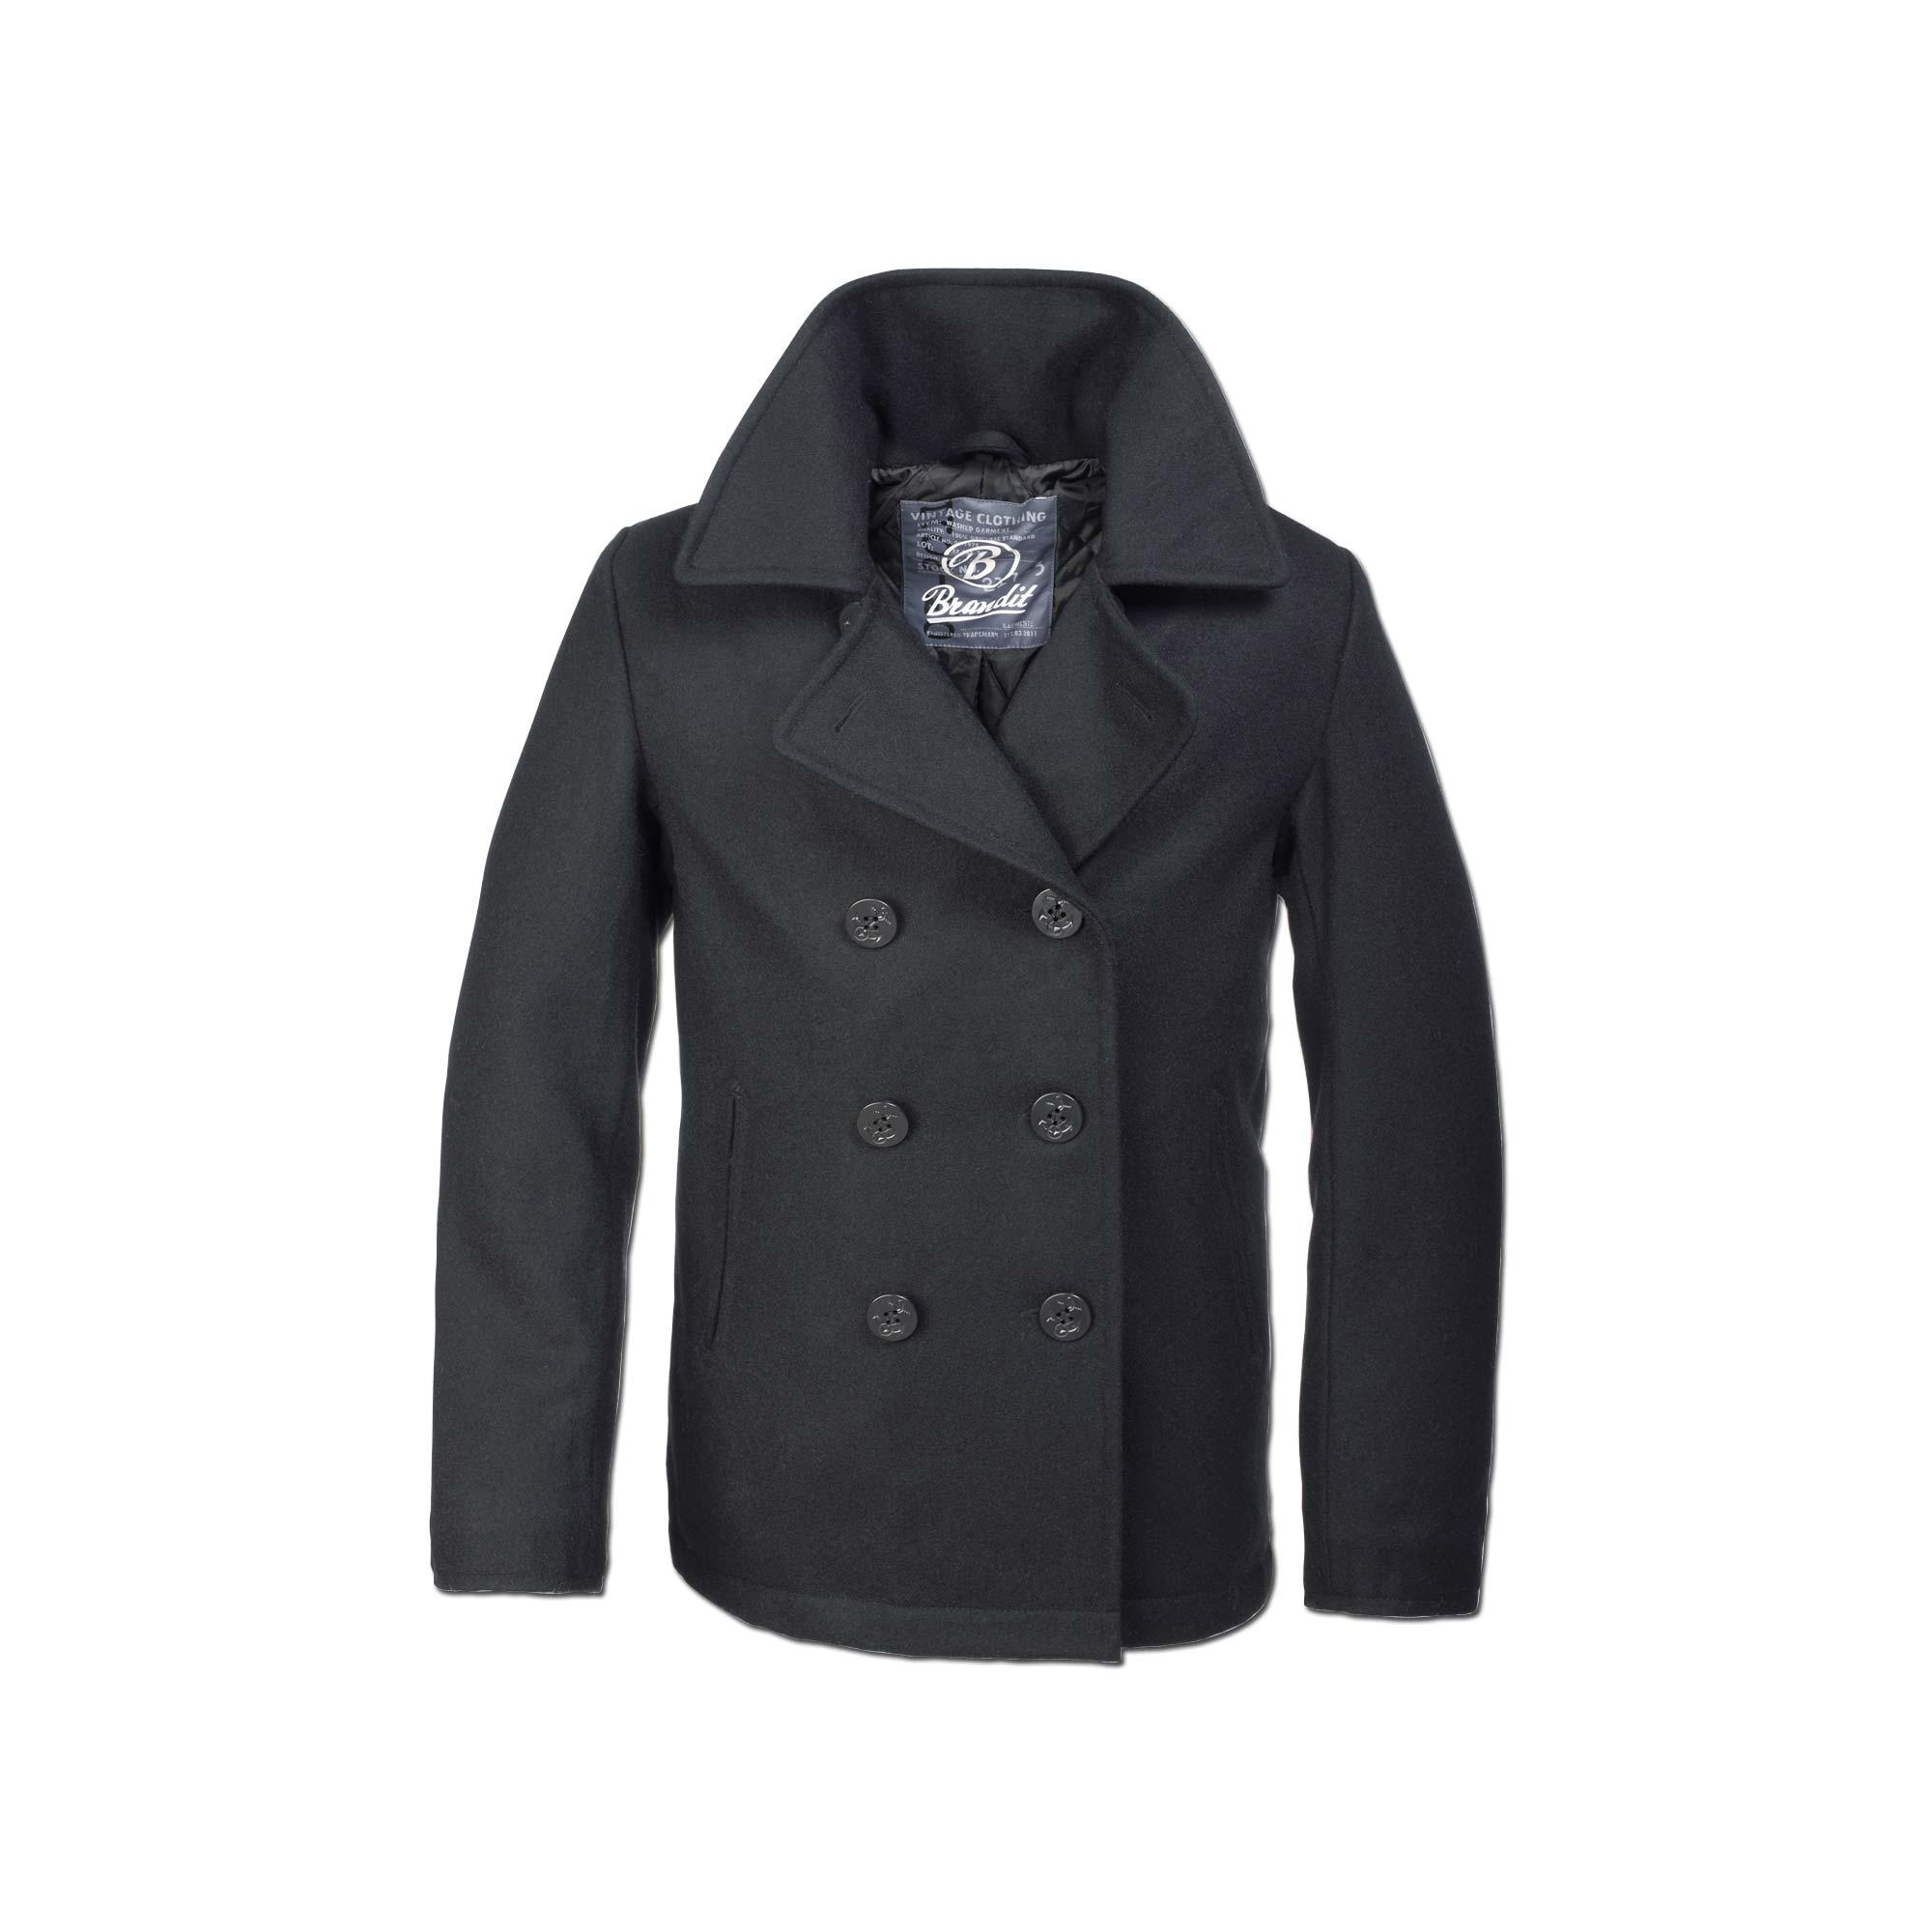 Jacke Brandit Pea Coat schwarz